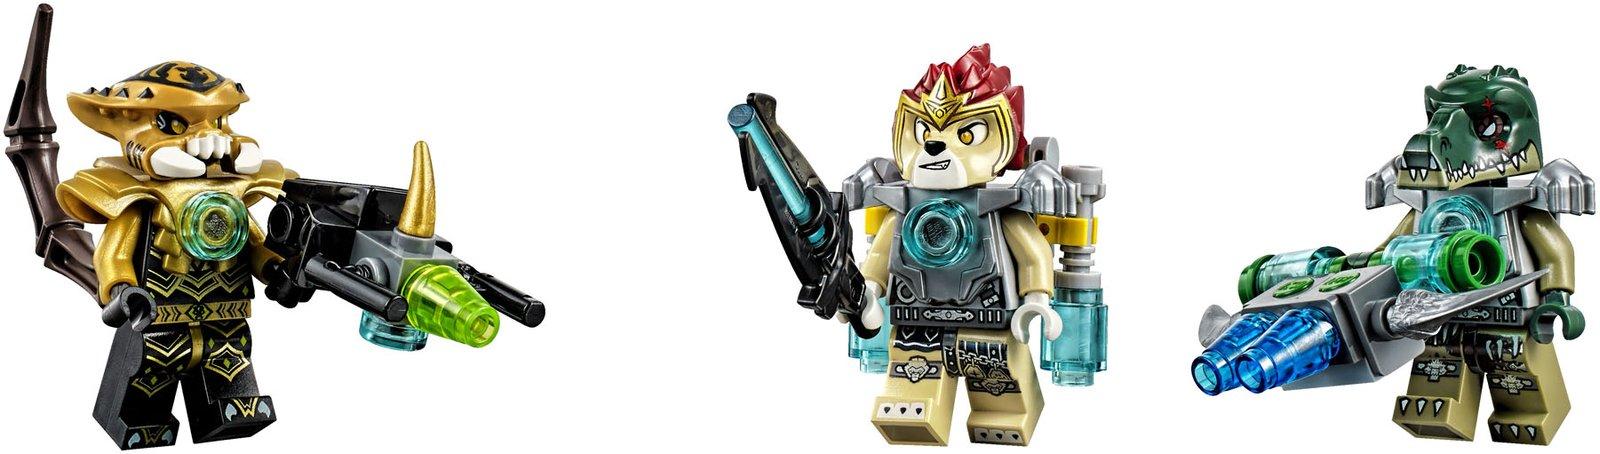 11 dessins de coloriage Lego Chima Scorpion à imprimer